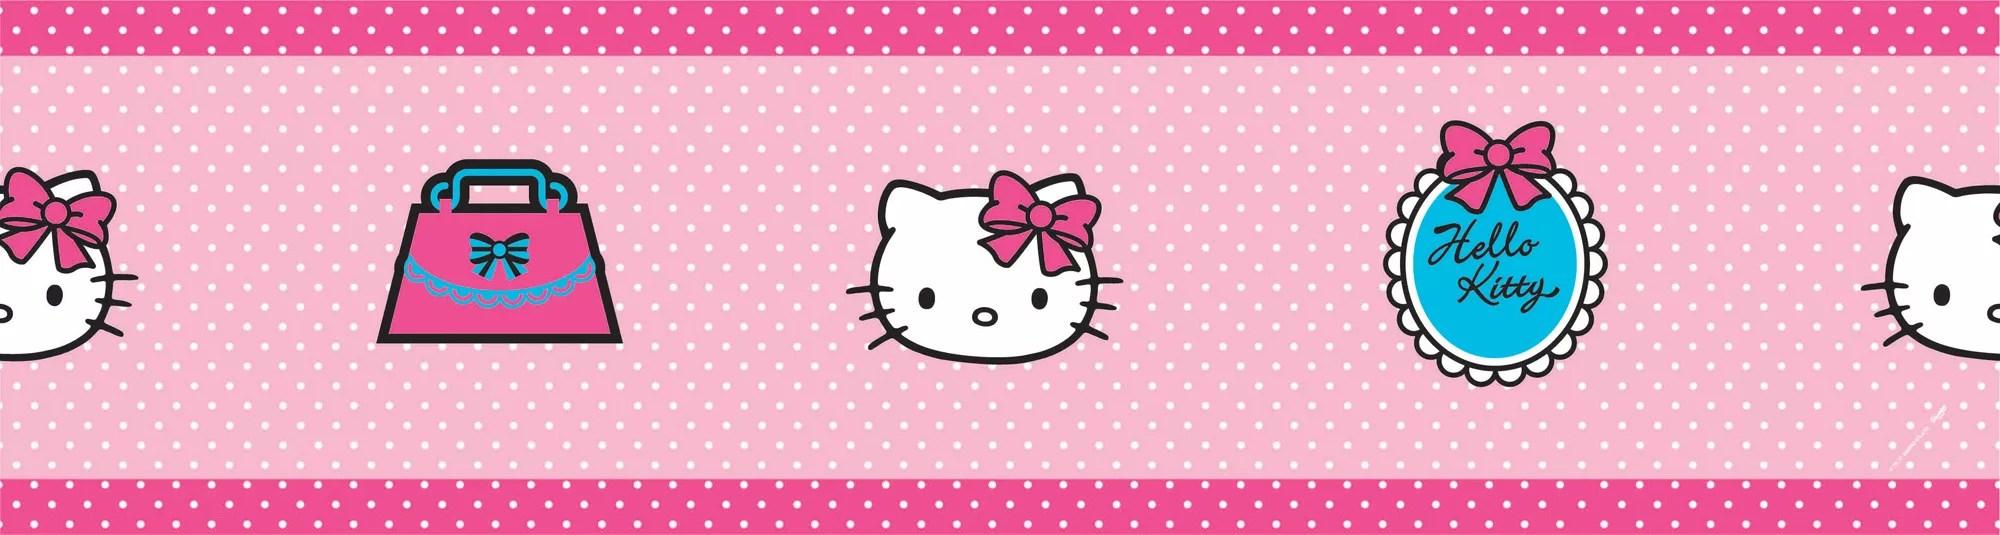 Decofun Hello Kitty Pink Border Departments DIY At BampQ